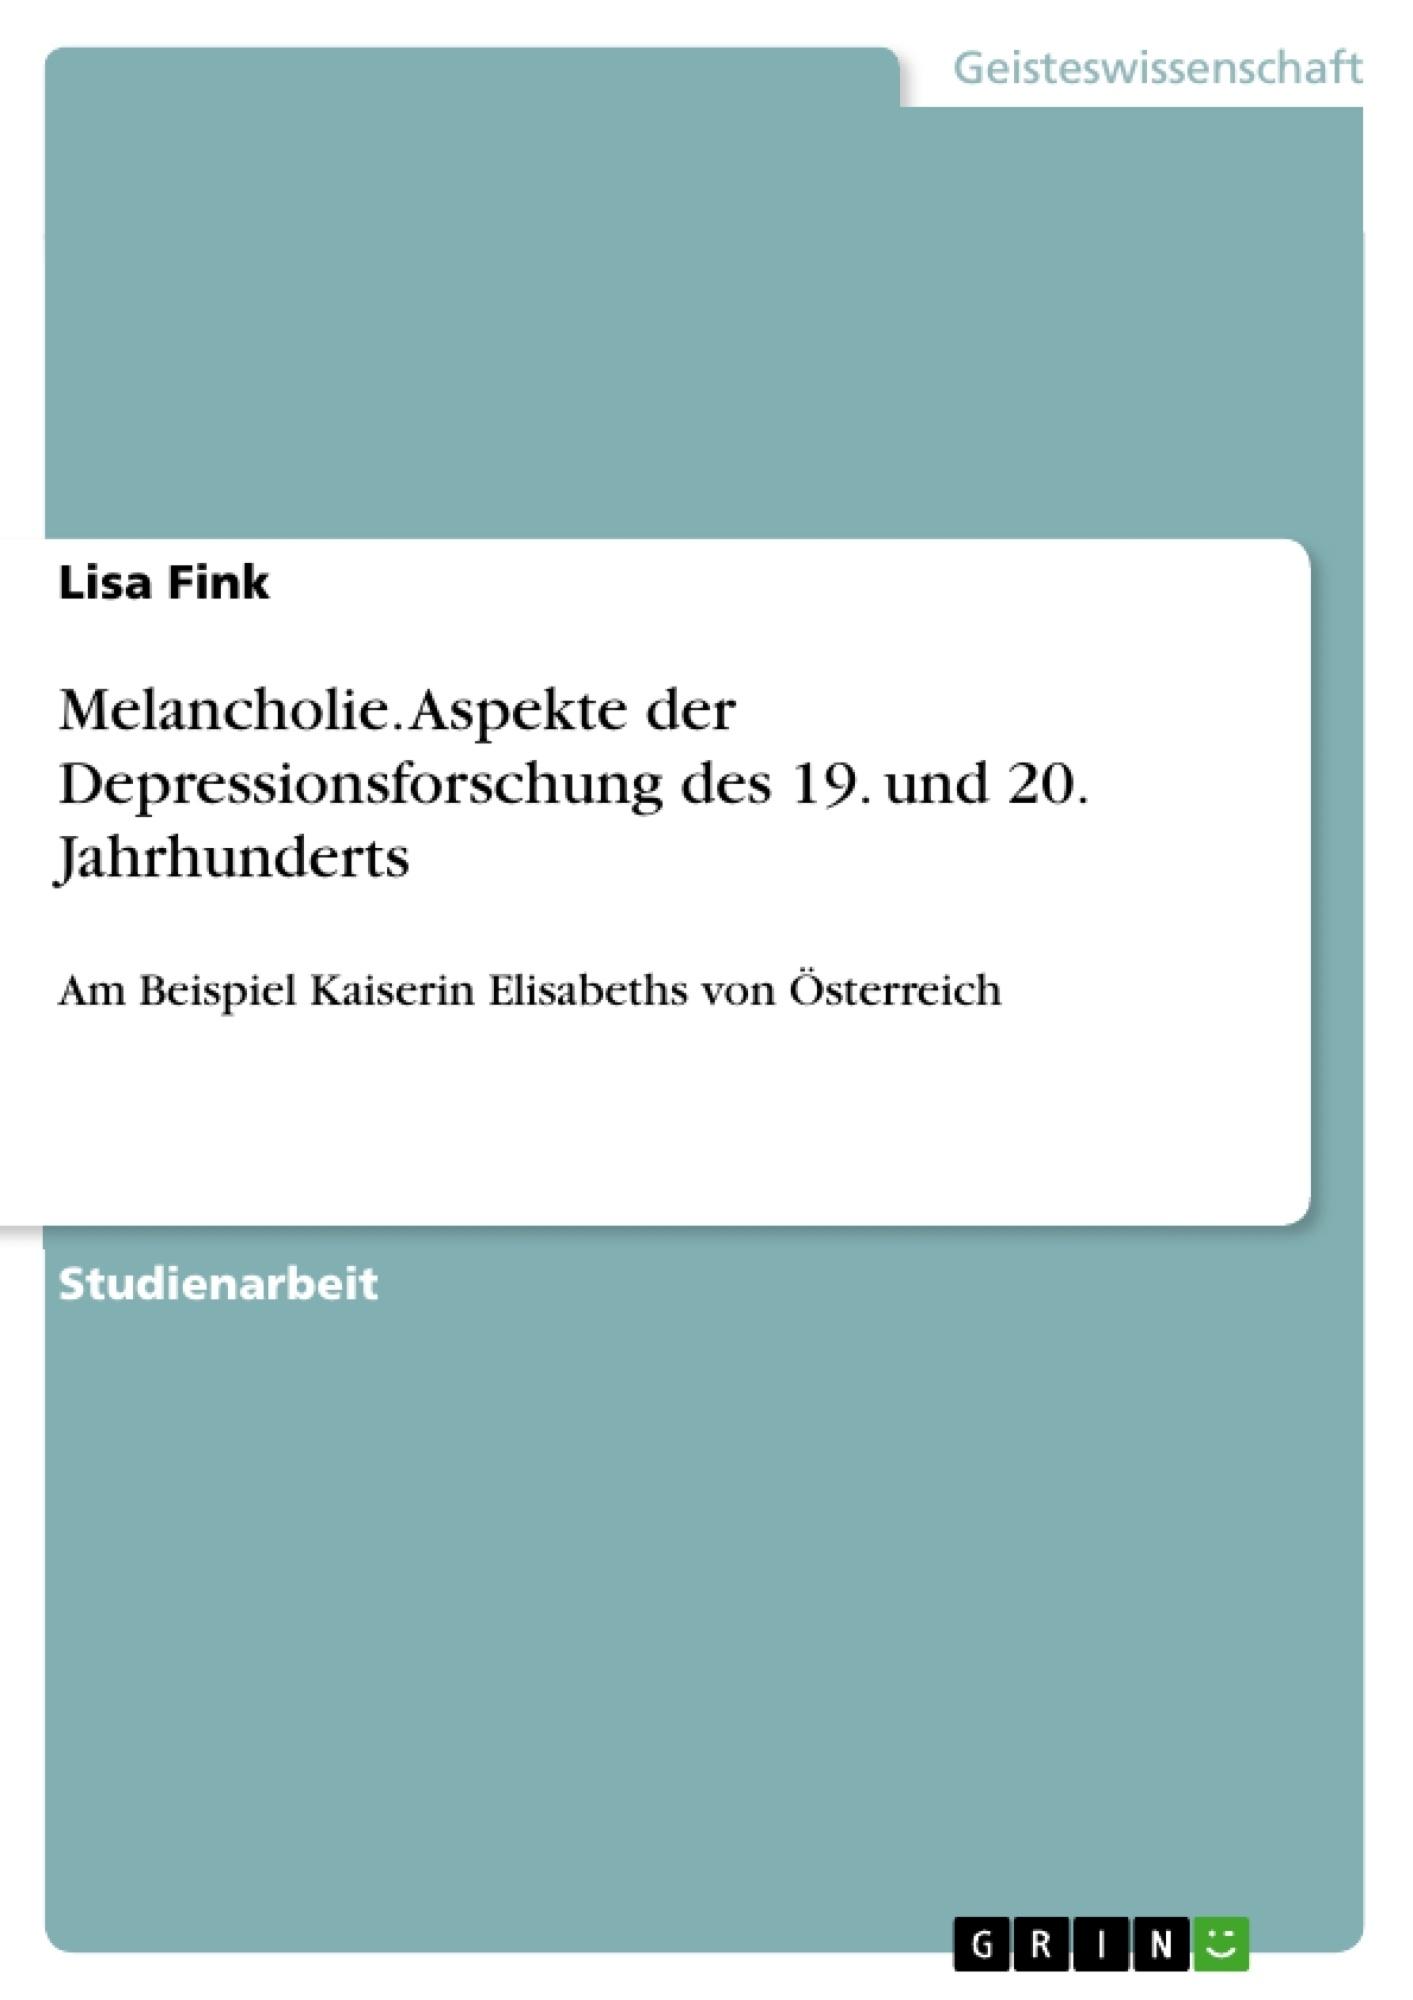 Titel: Melancholie. Aspekte der Depressionsforschung des 19. und 20. Jahrhunderts